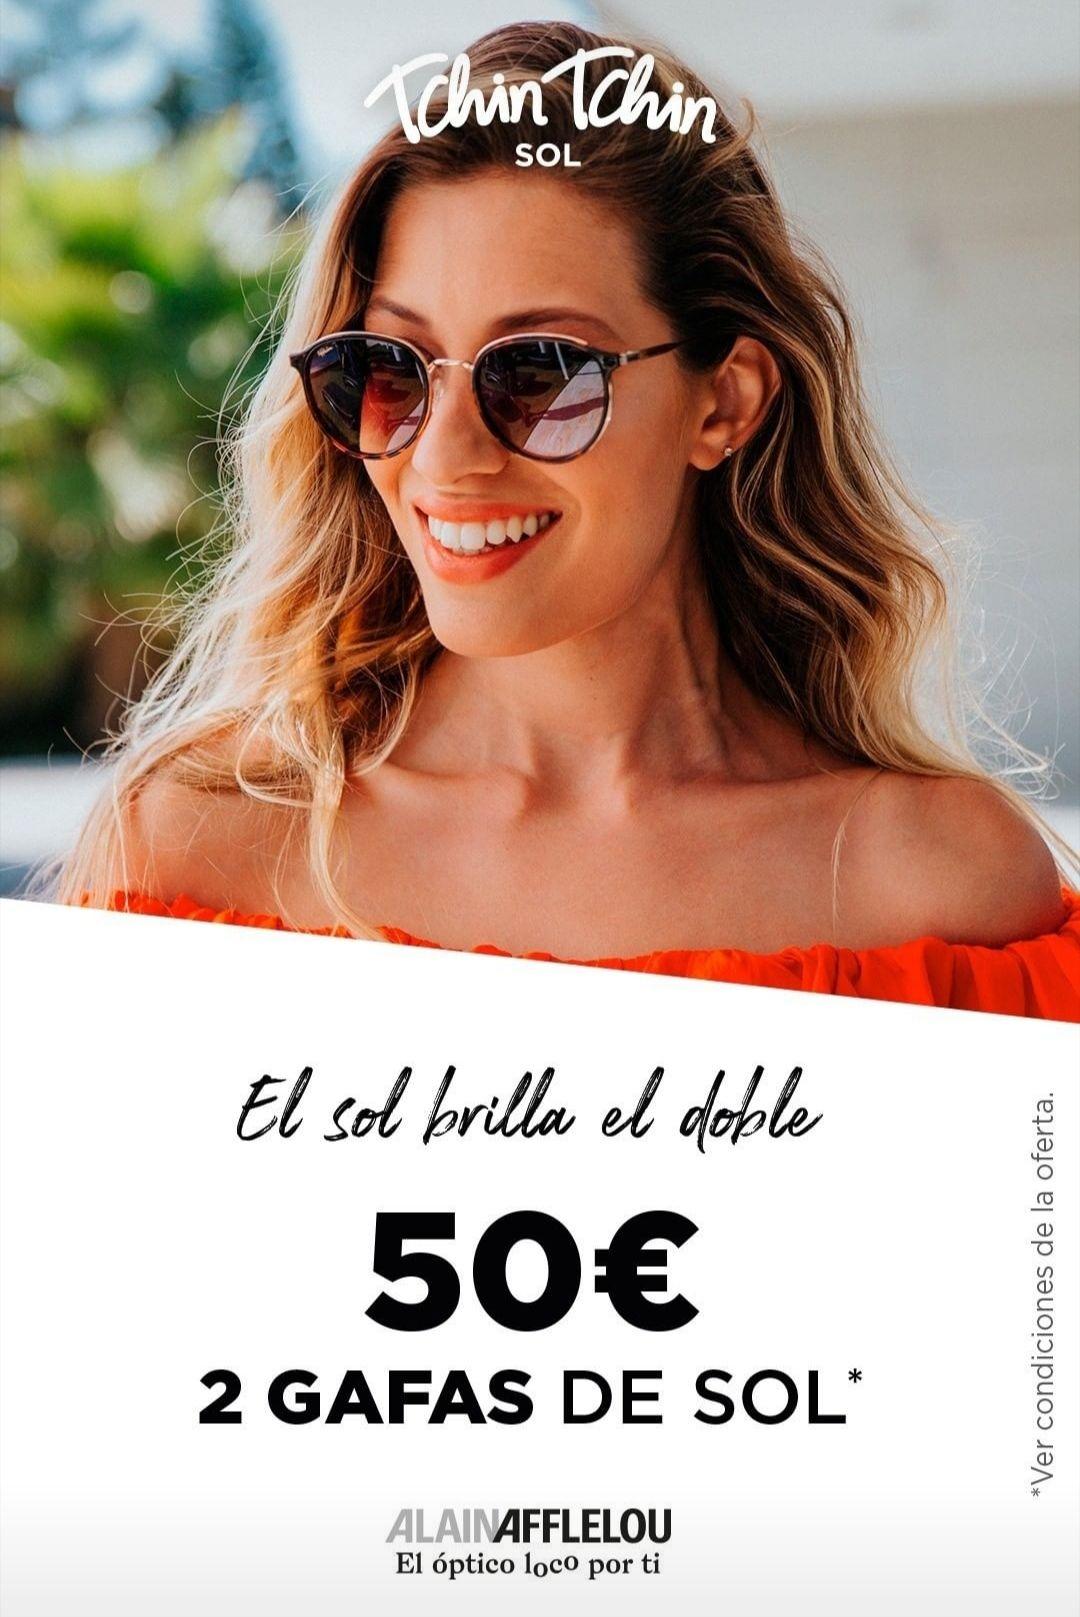 2 gafas de sol por 50€